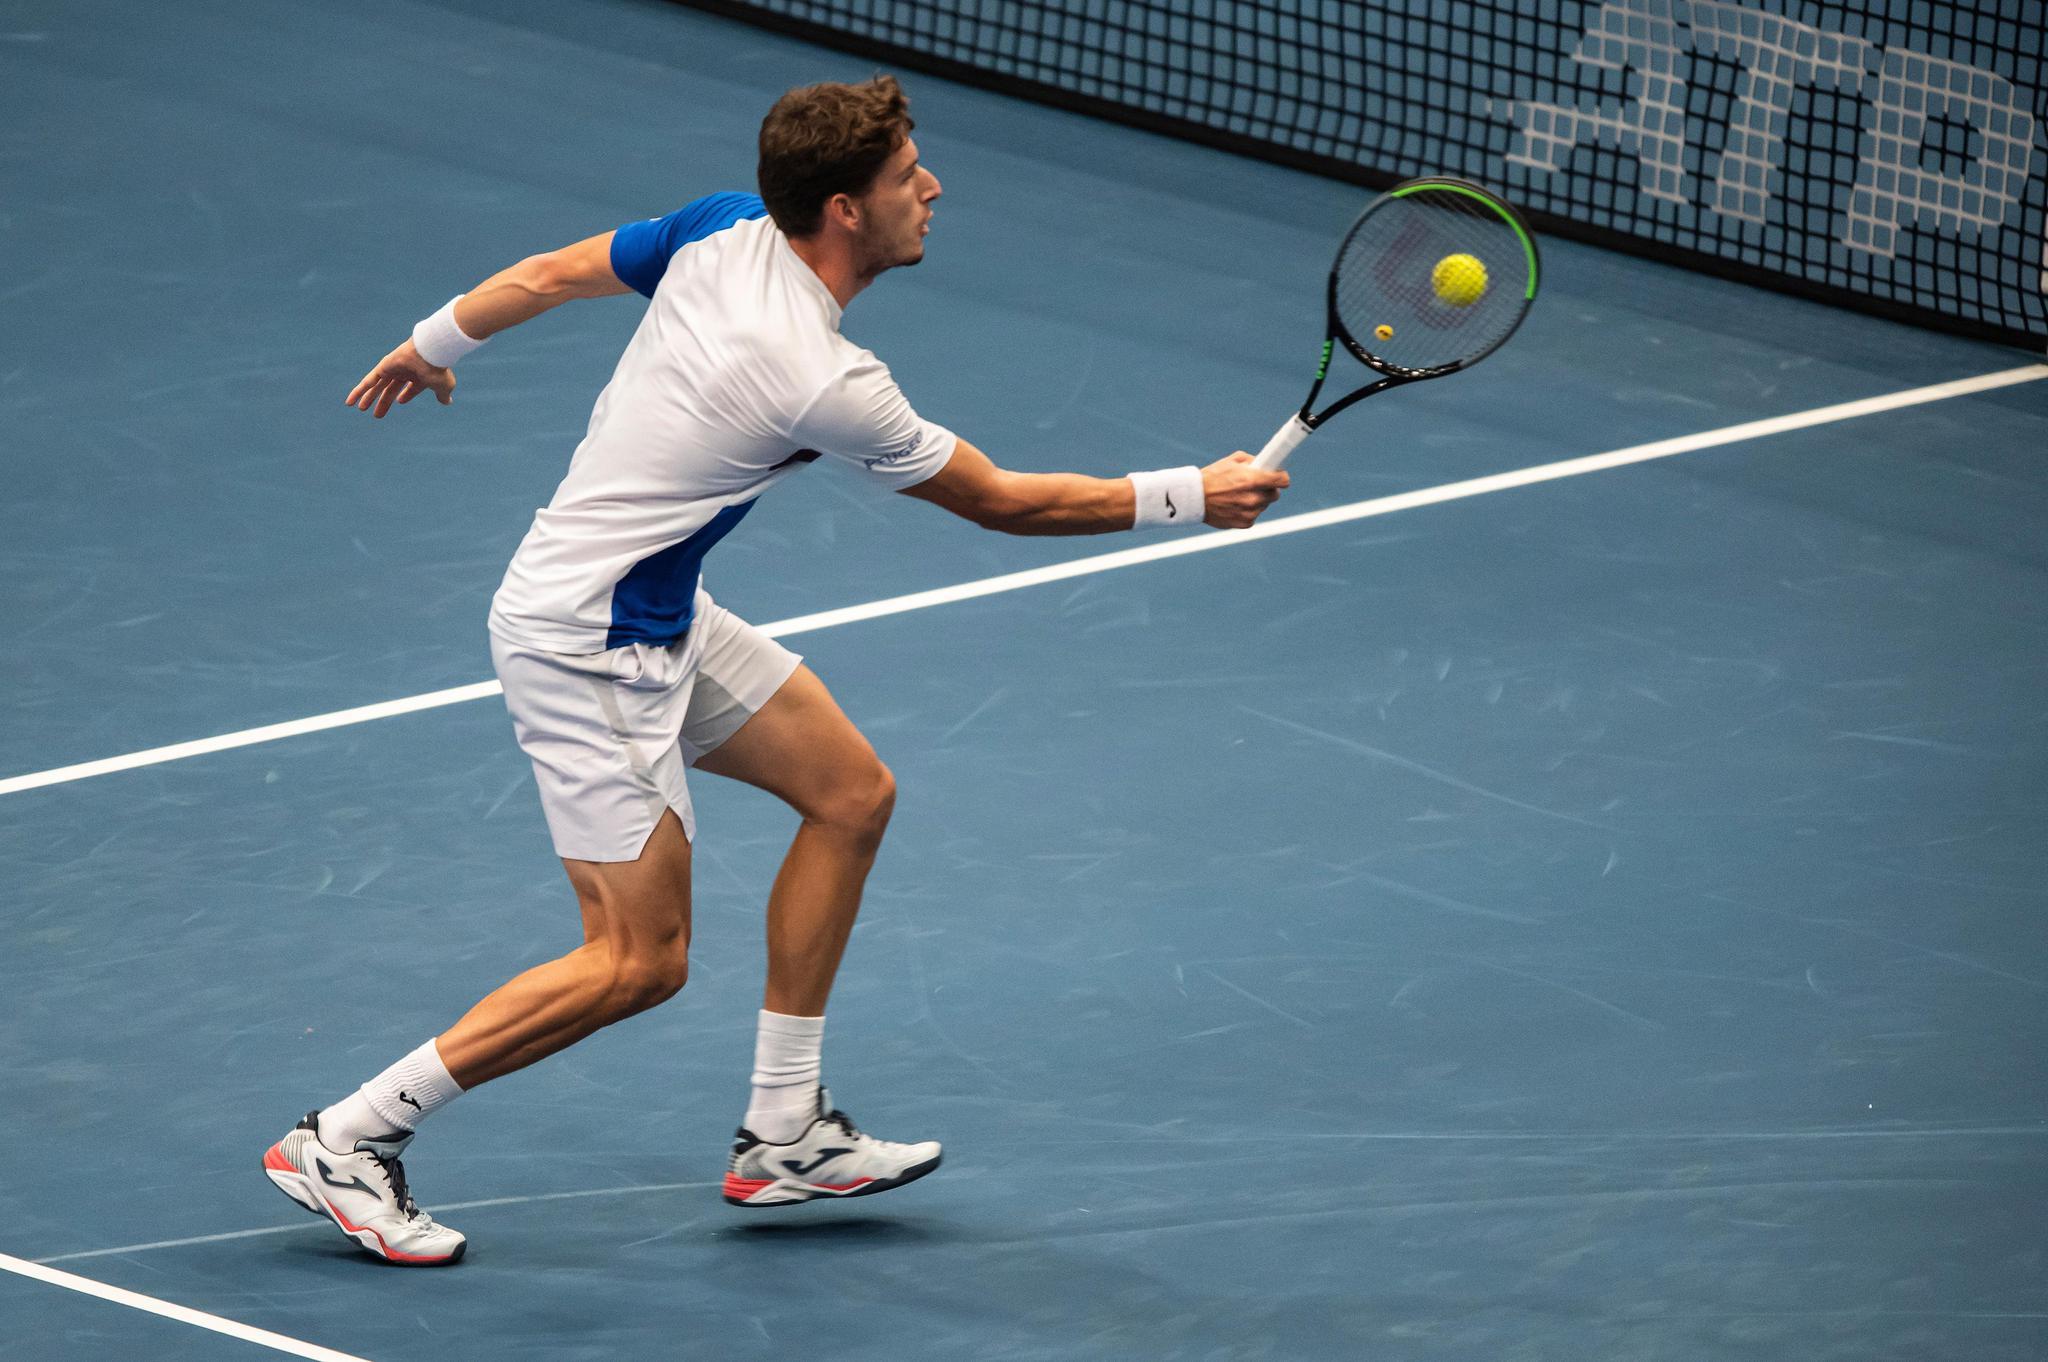 网球——维也纳公开赛:布斯塔晋级